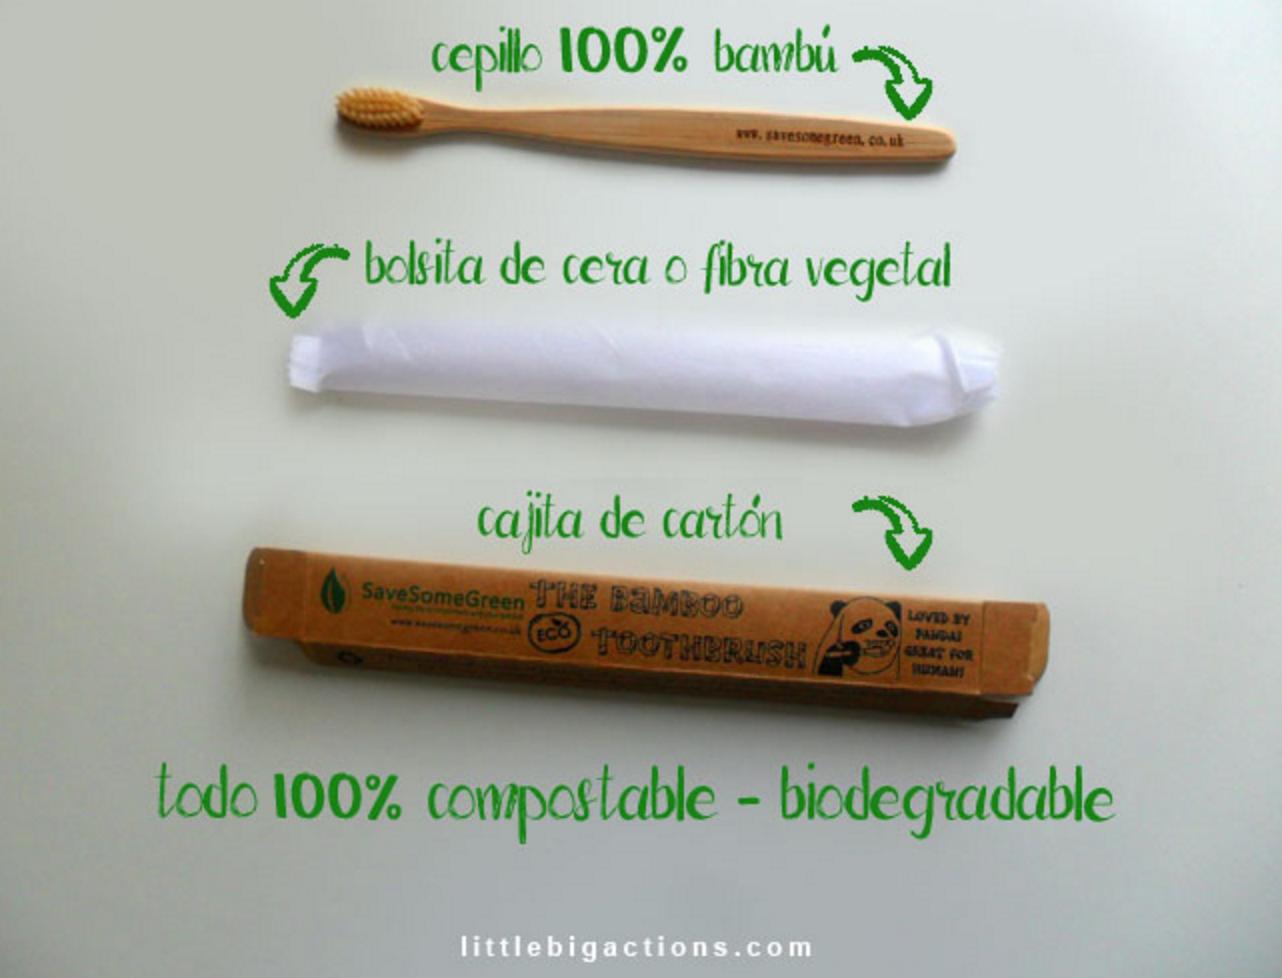 Trucos Para Tener Un Baño Ceroresiduos Cepillos De Dientes Cepillado Dental Higiene Bucal